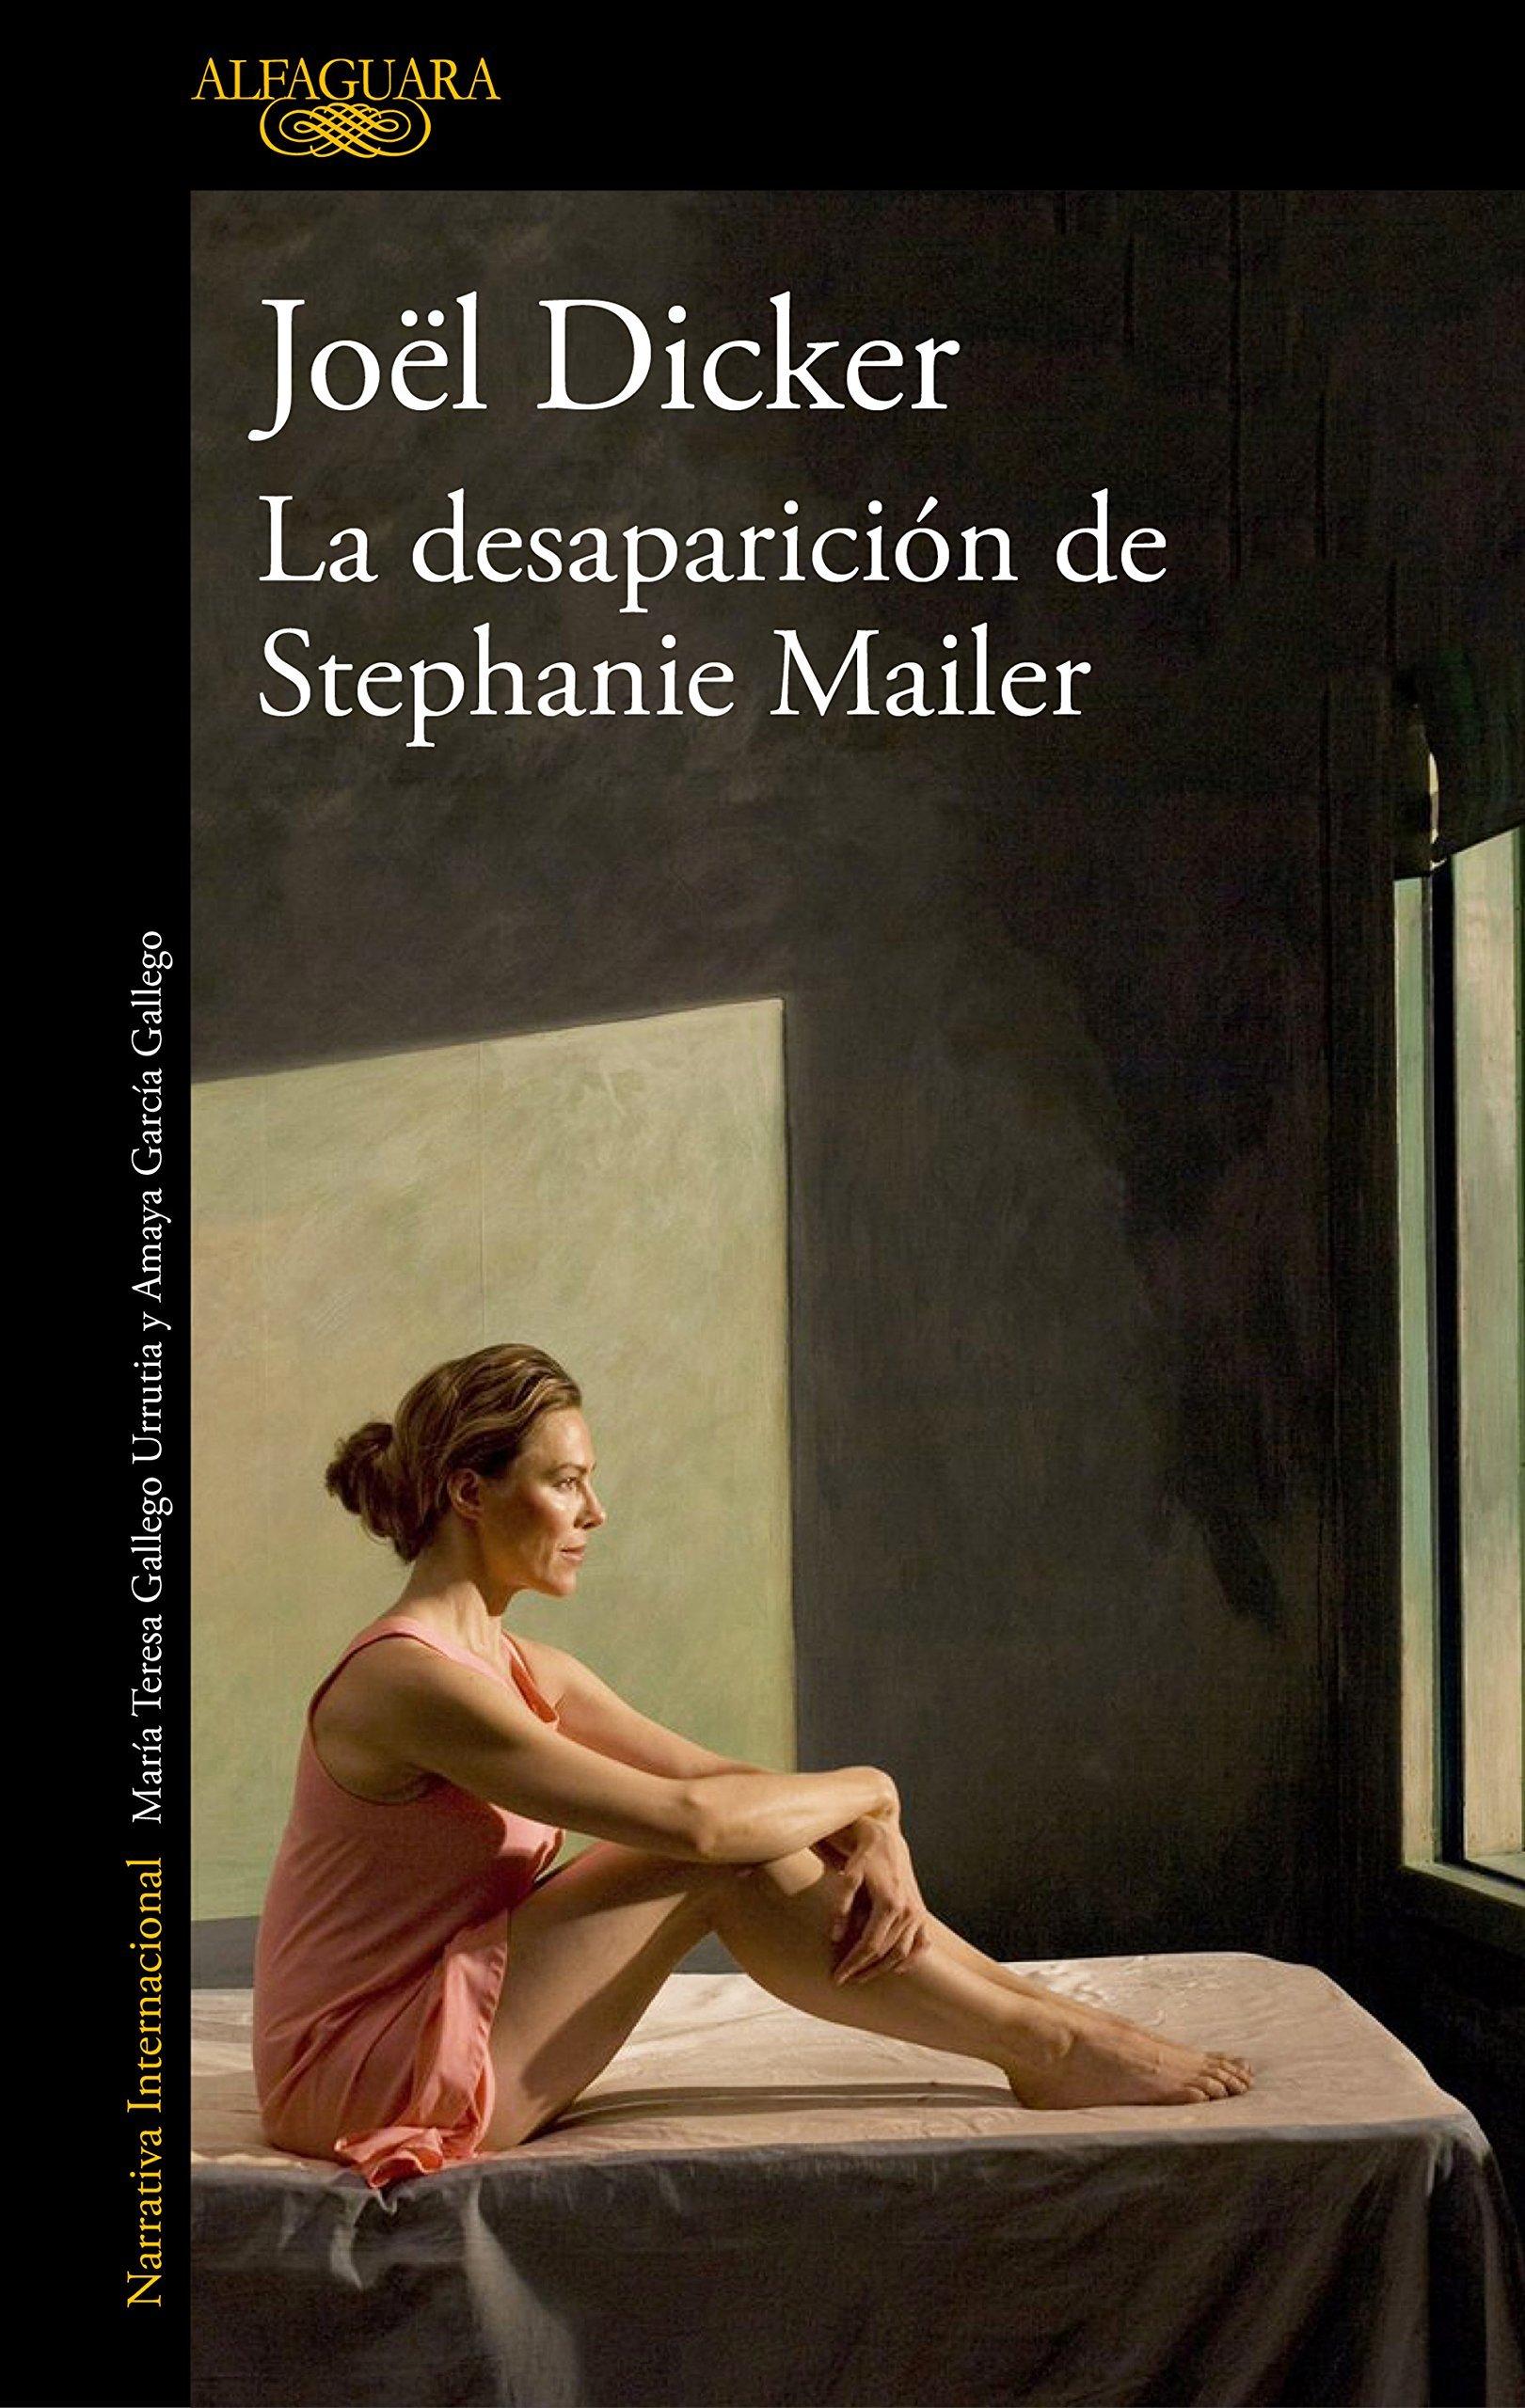 La desaparición de Stephanie Mailer, el último libro de Jöel Dicker...